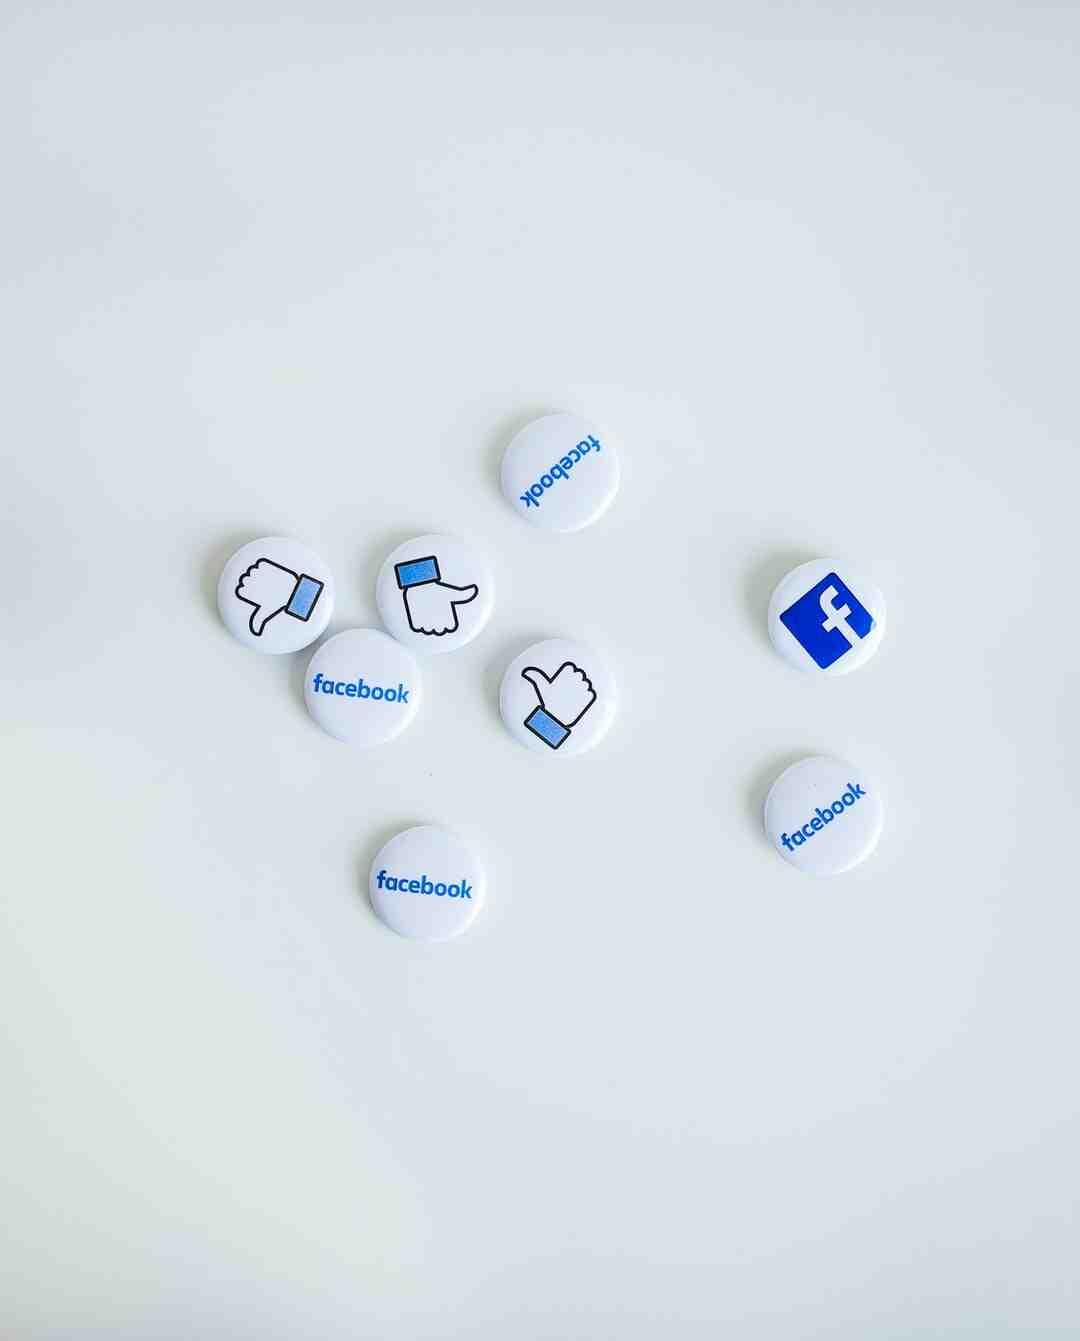 Comment savoir où je me suis connecter sur Facebook ?